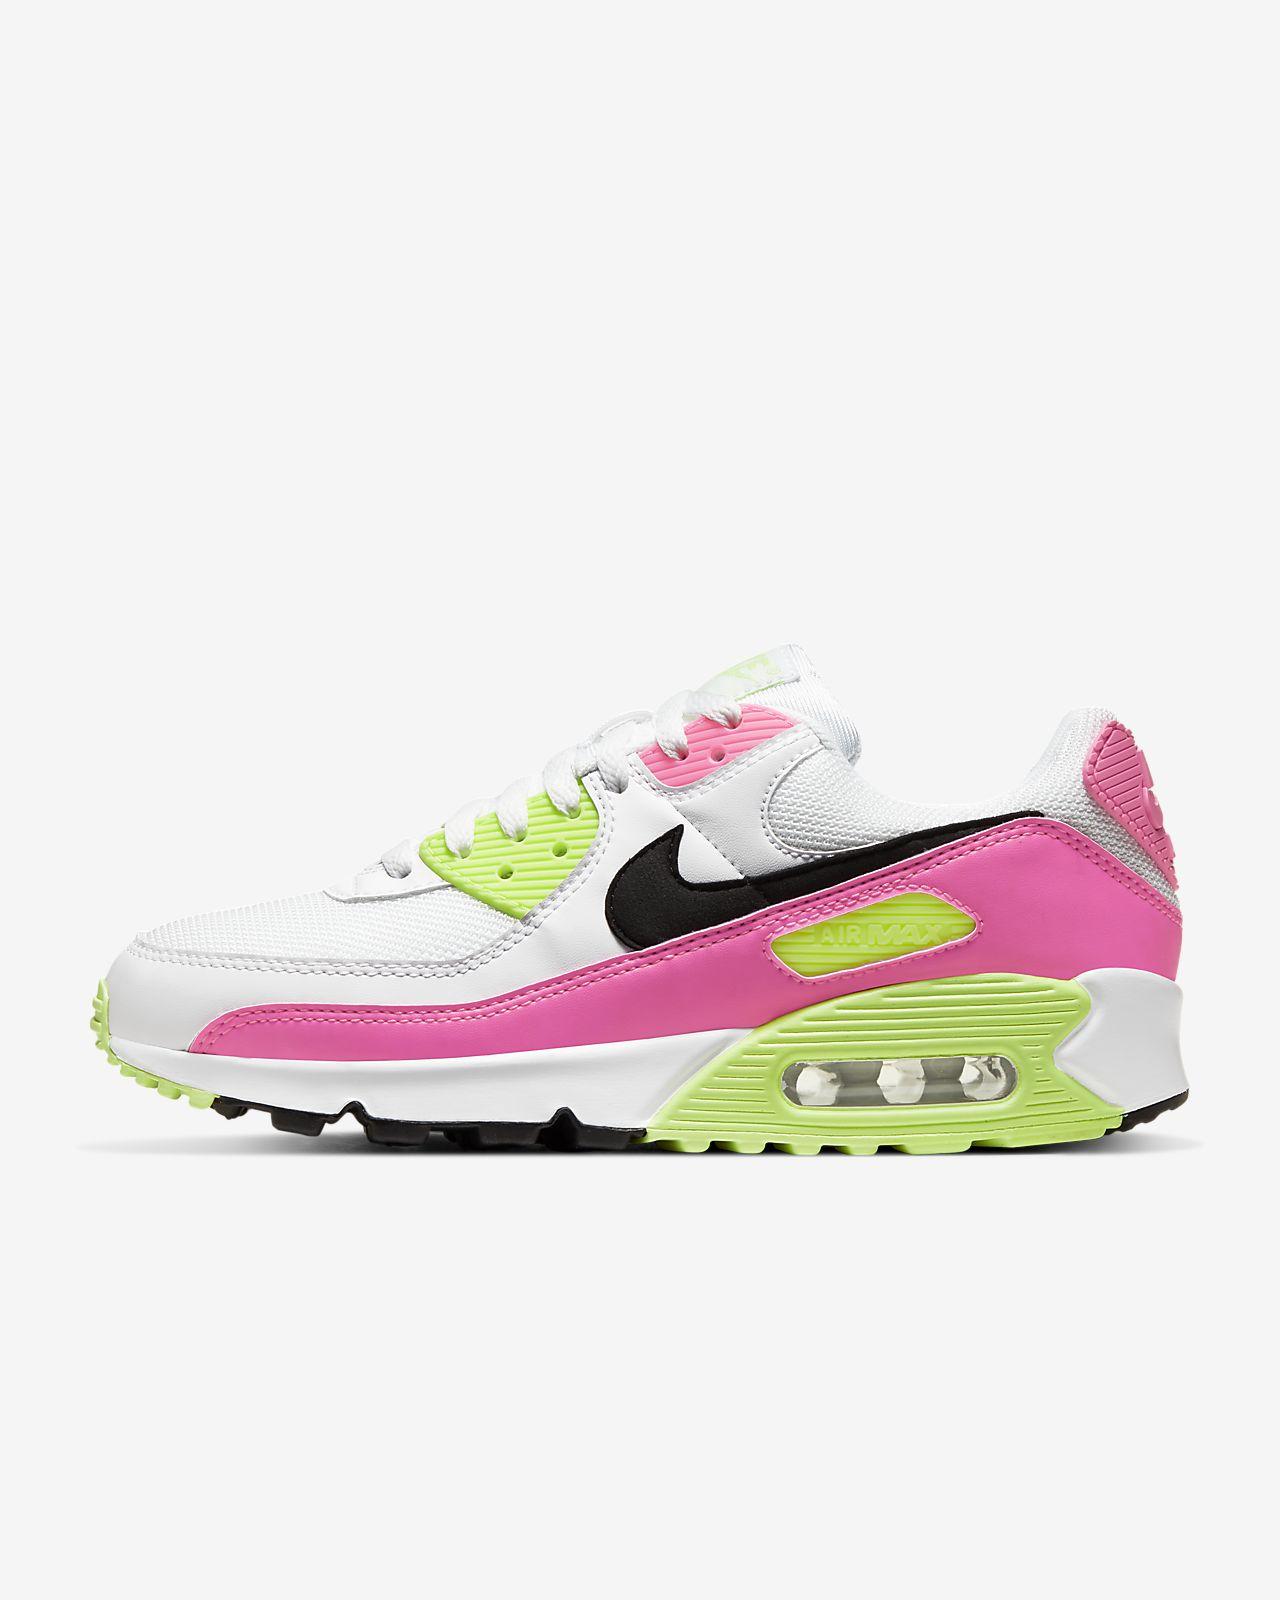 รองเท้าผู้หญิง Nike Air Max 90